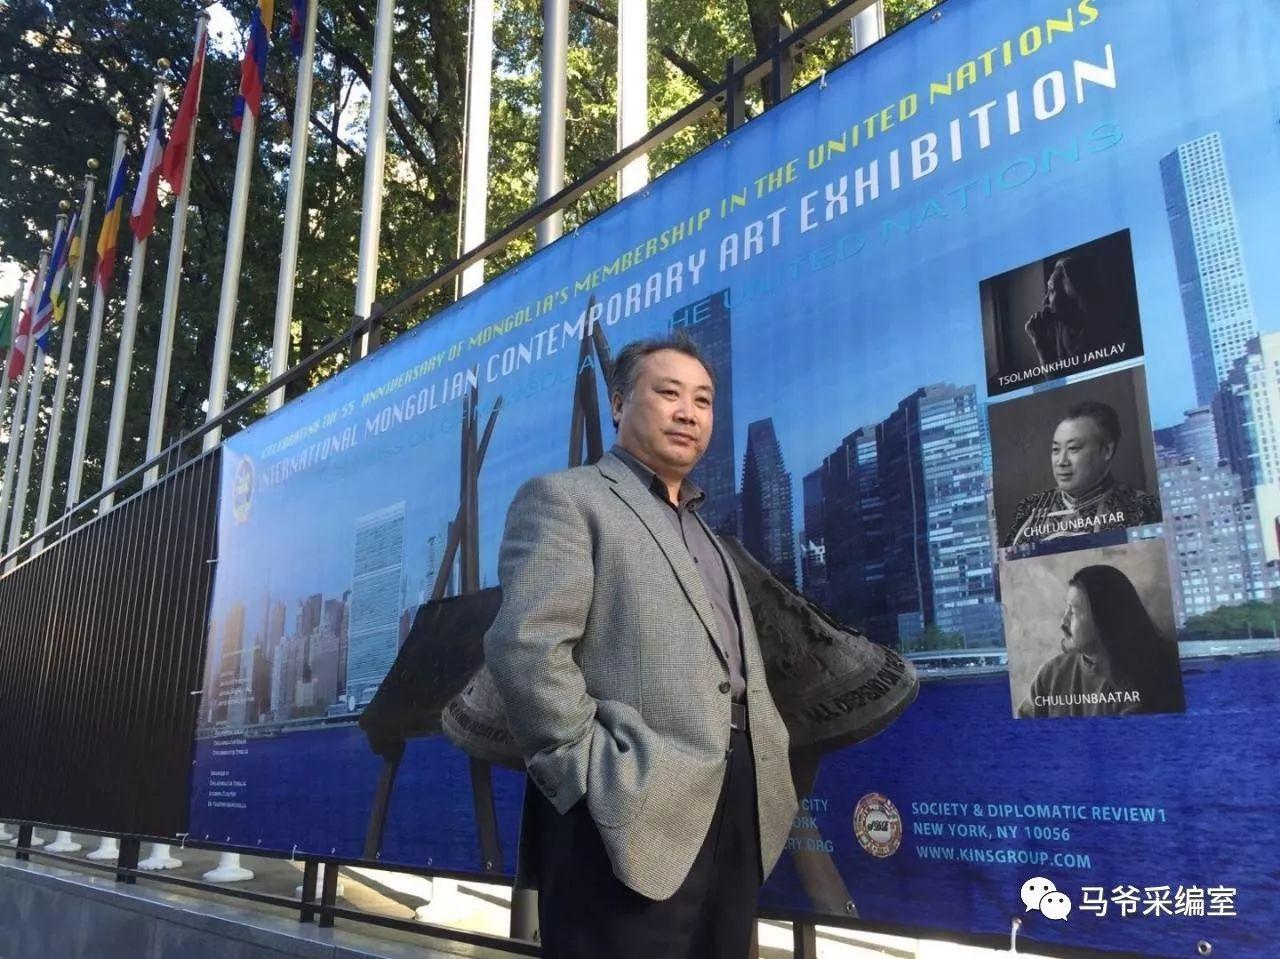 独家||走进联合国大堂个人书法展蒙古族书法家第一人苏伦·巴特尔 第3张